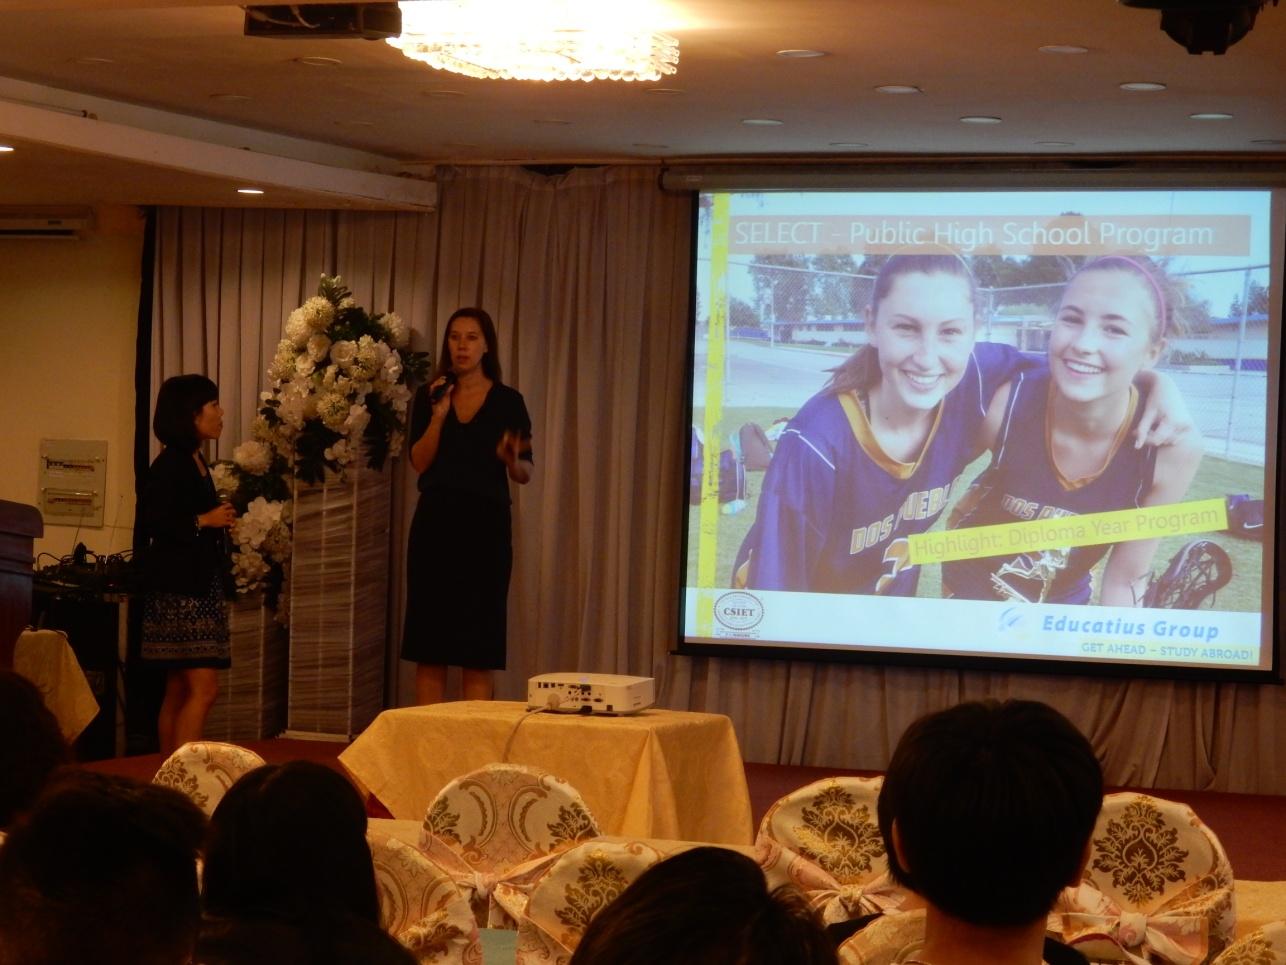 Bà Emma Hanson chia sẻ về chương trình học bổng hiện tại của Educatius